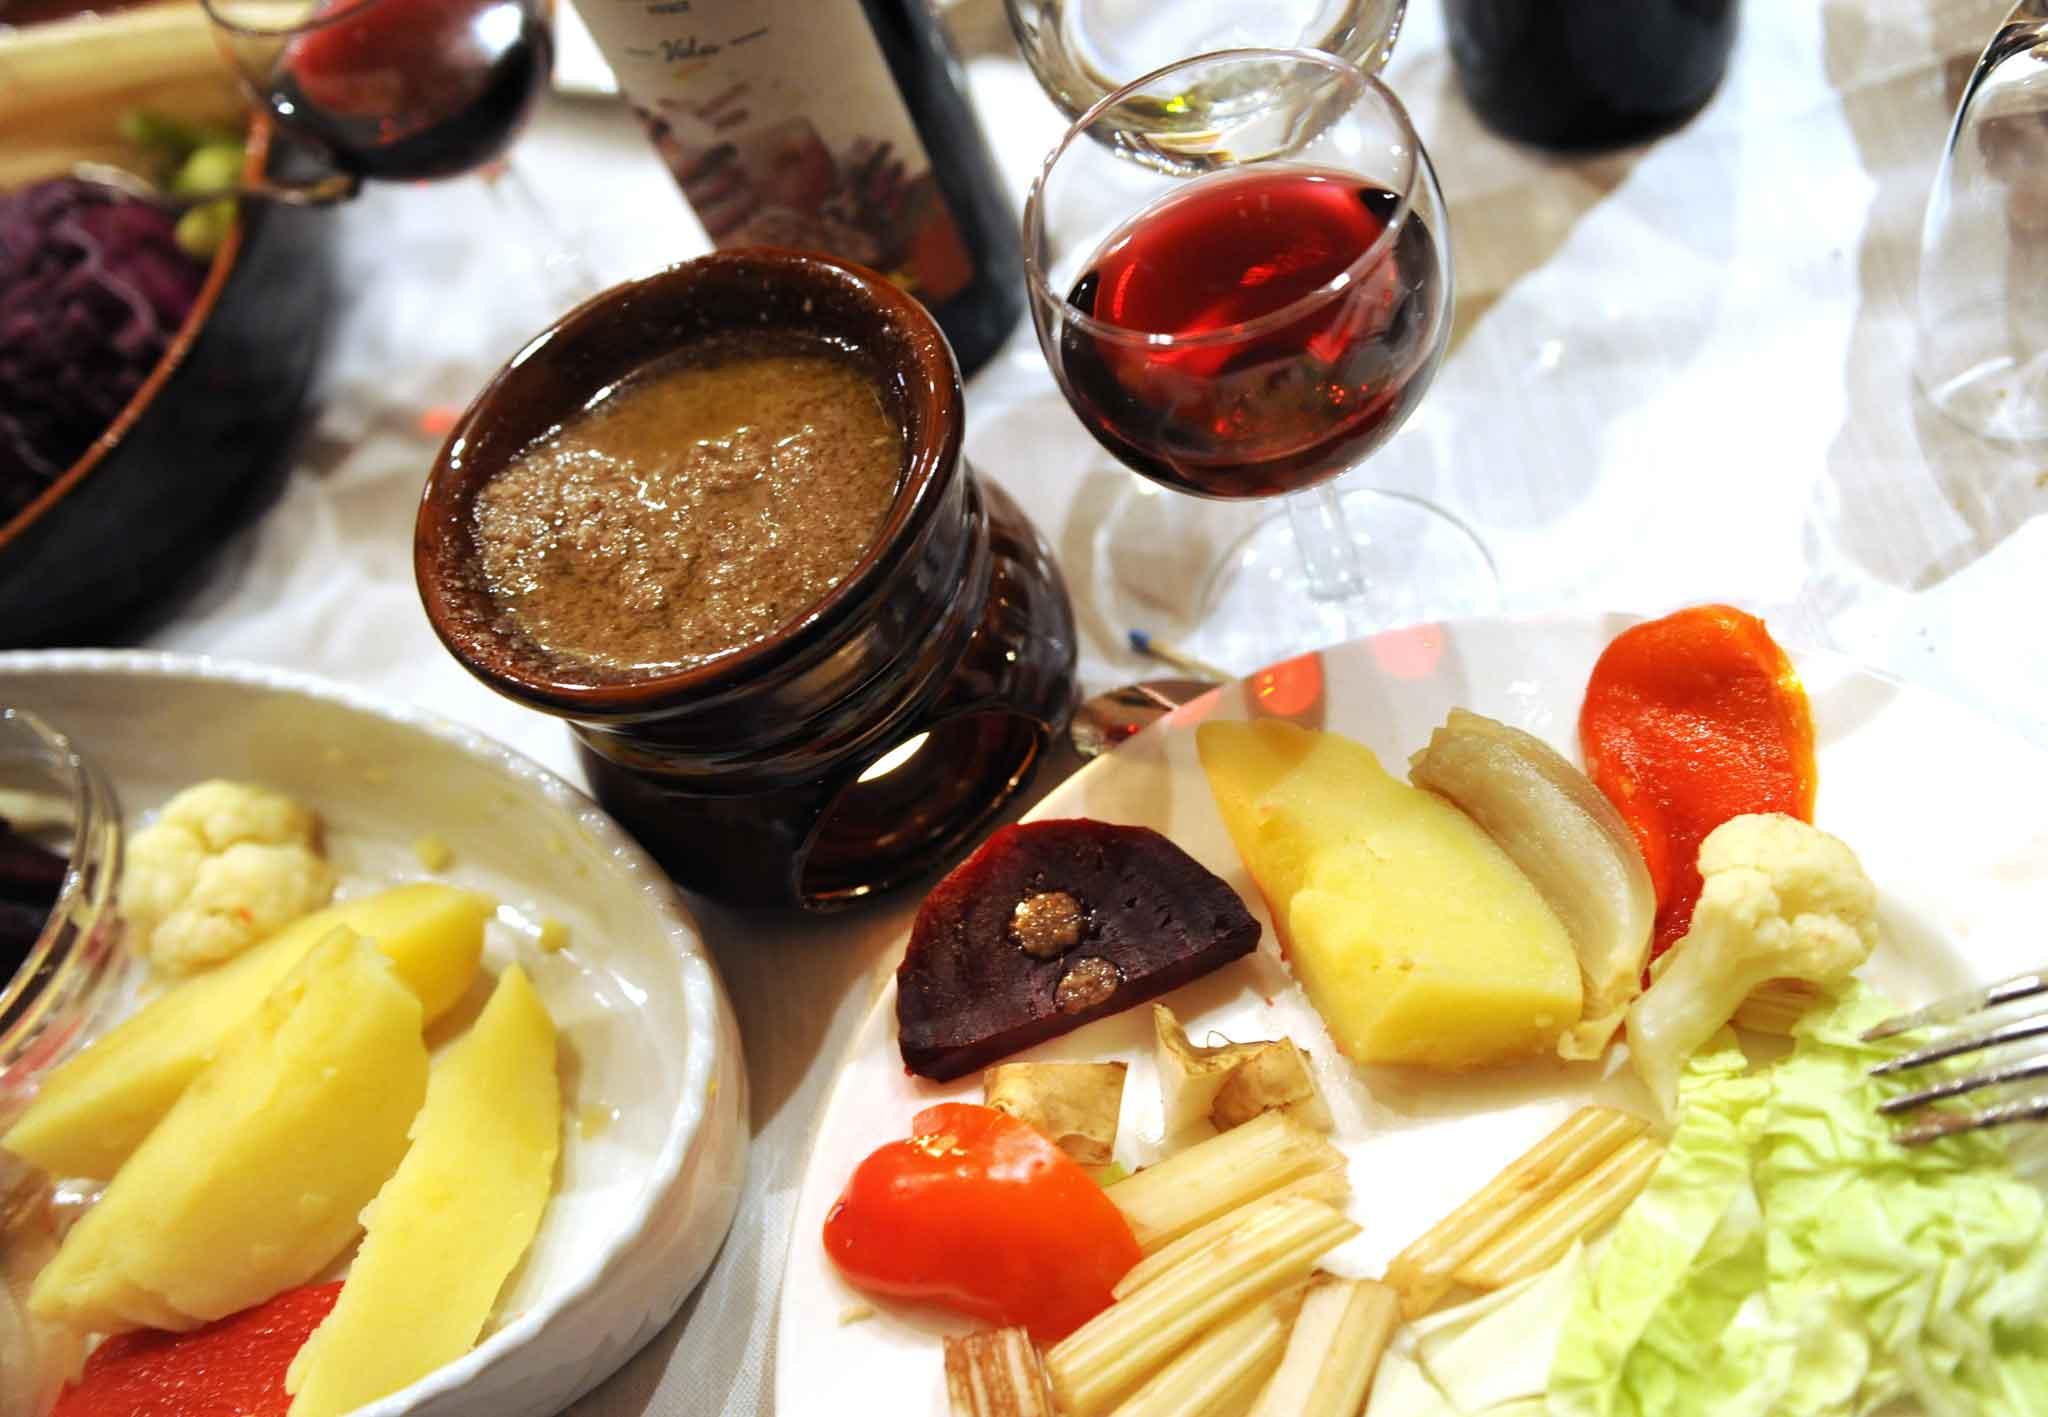 Motivi per festeggiare e mangiare la bagna cauda